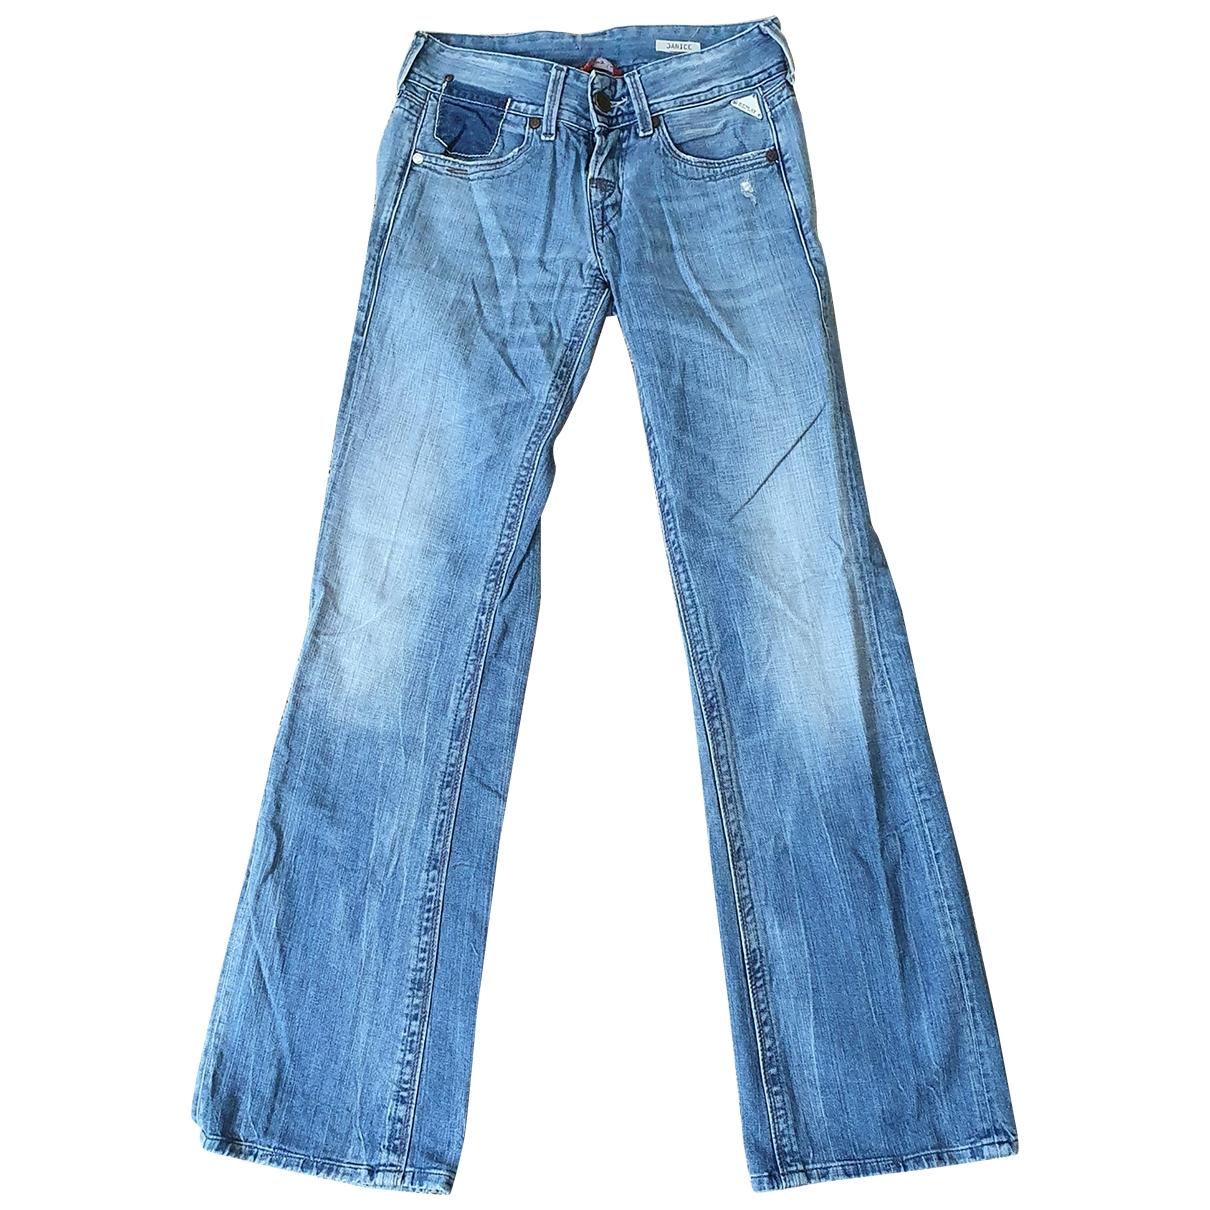 Pantalon largo Replay